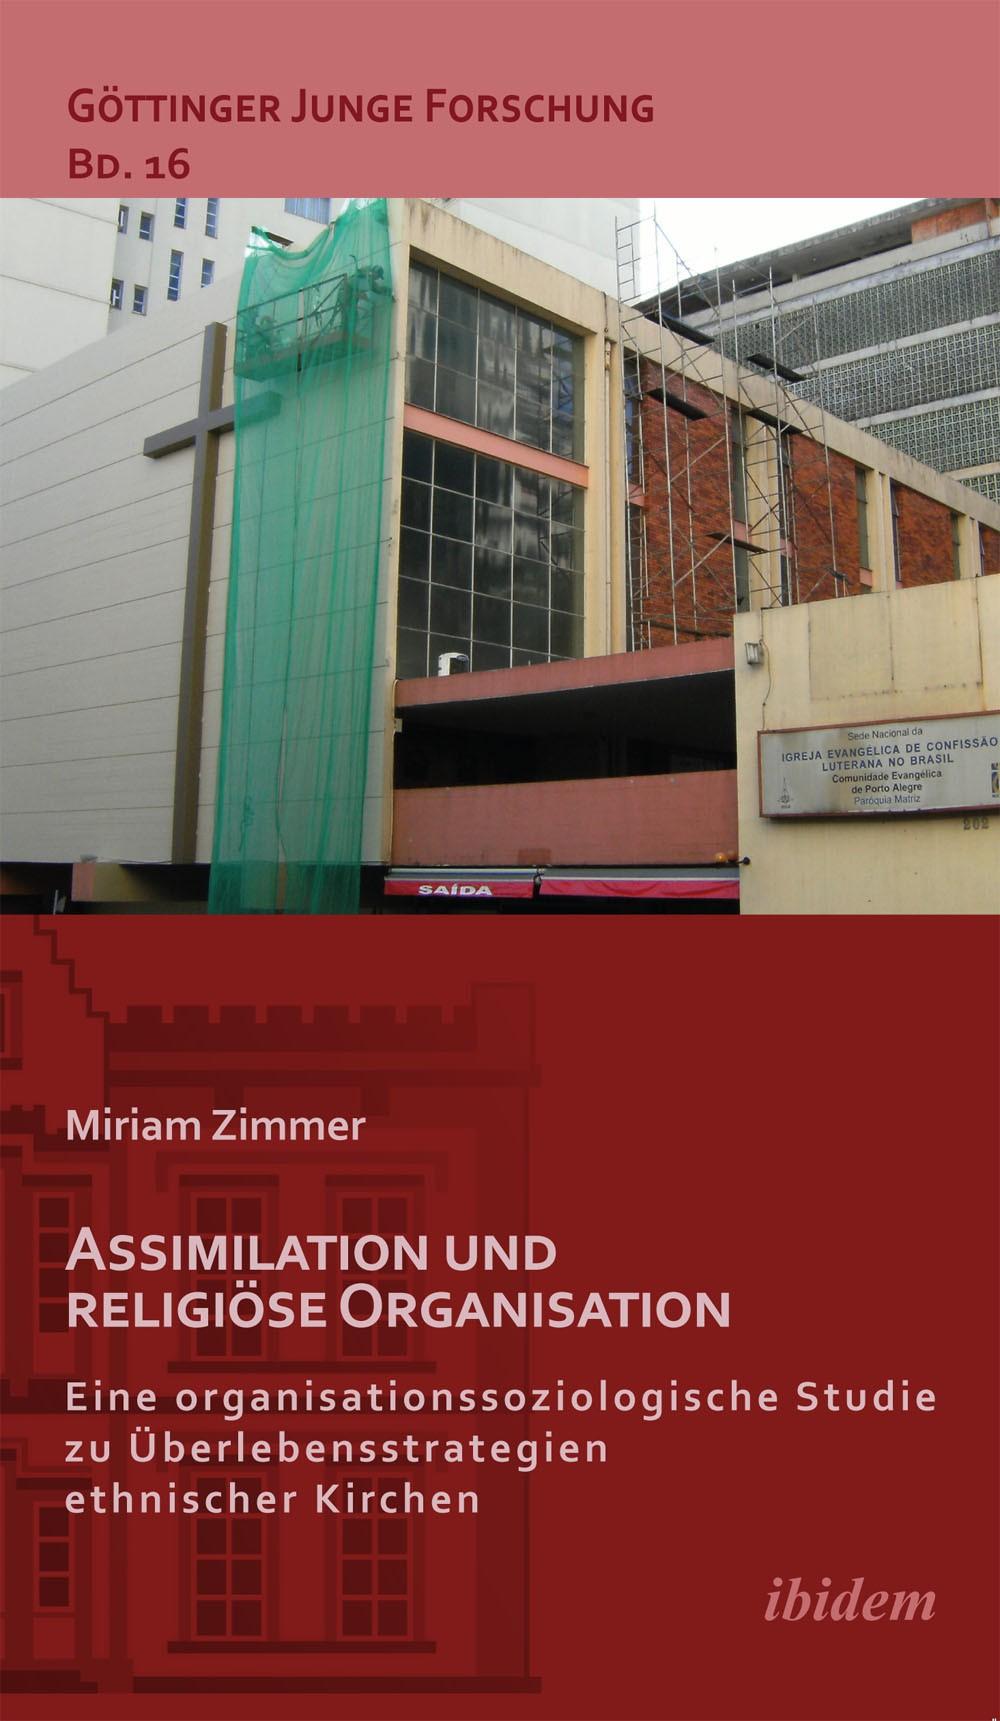 Assimilation und religiöse Organisation